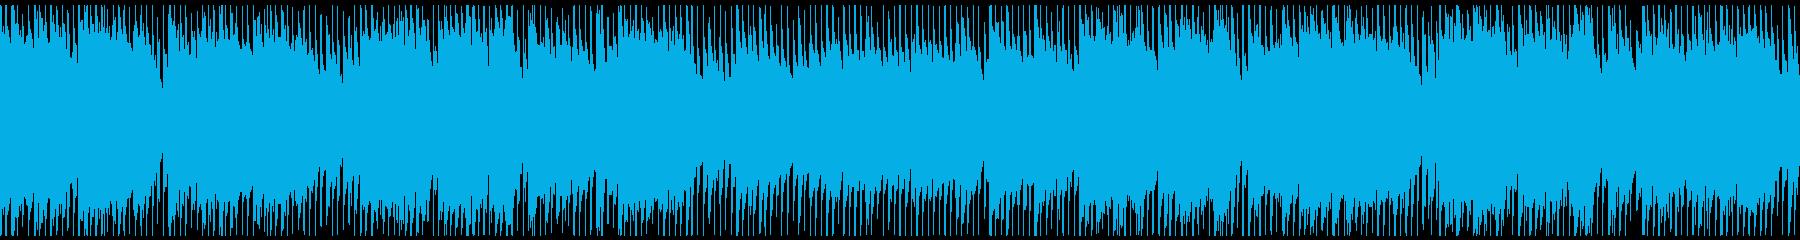 日本昔ばなし風の寂しく温かいBGM/rの再生済みの波形